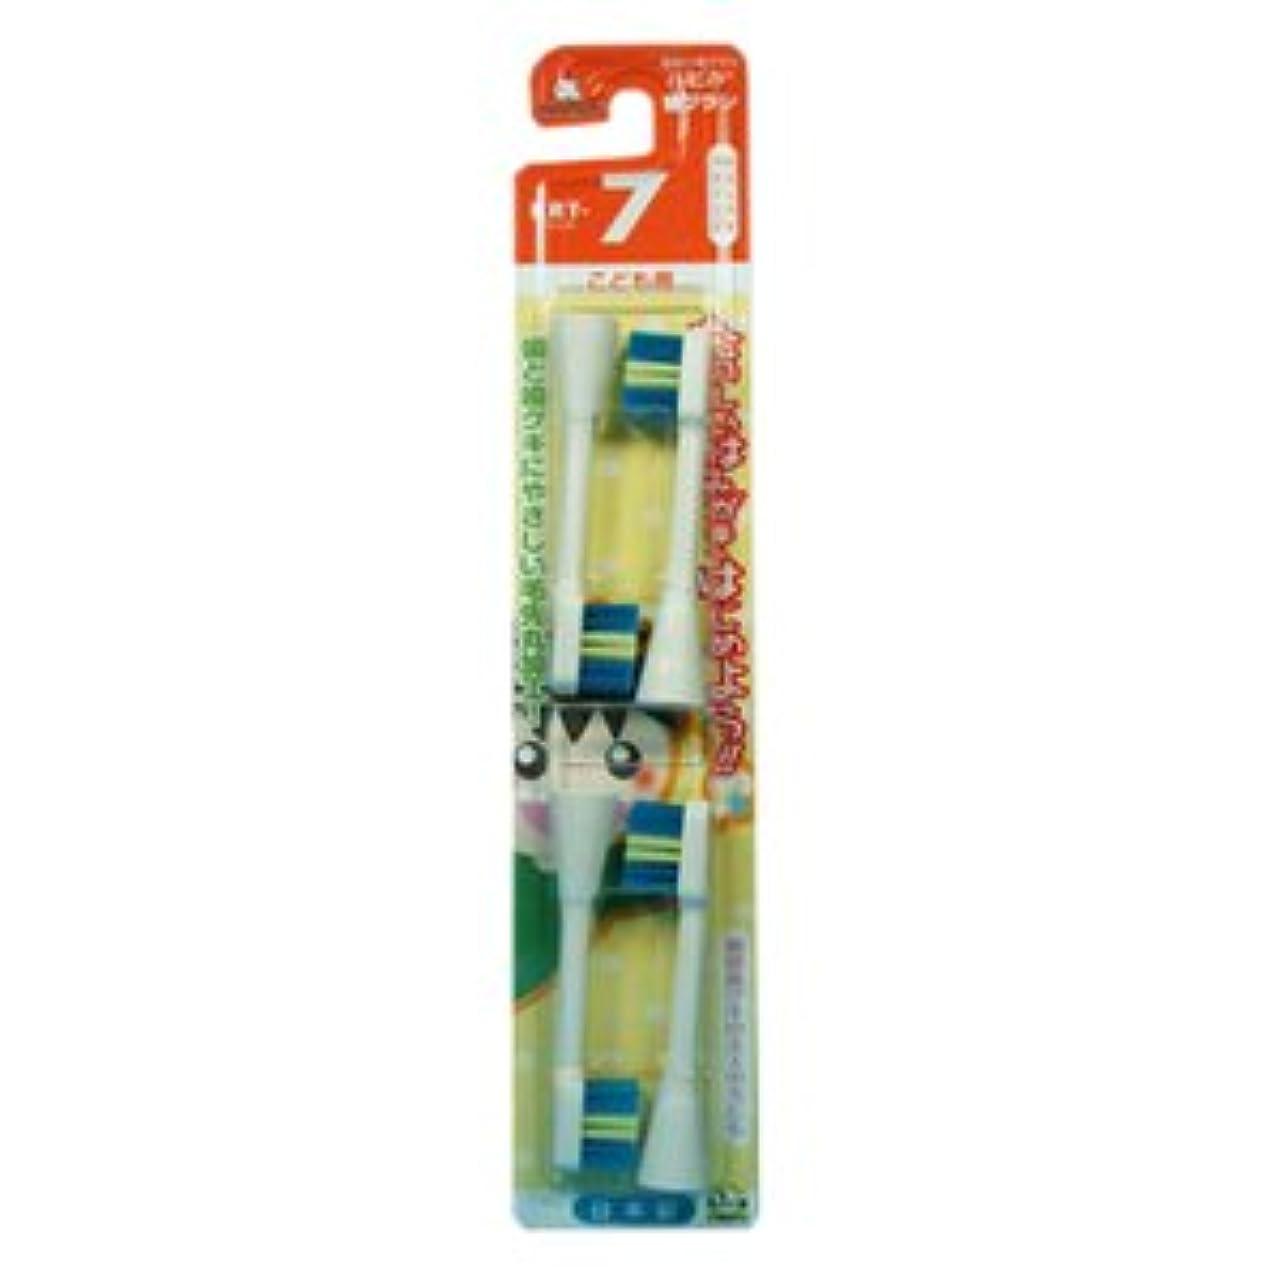 宝石乱雑なカナダミニマム 電動付歯ブラシ ハピカ 専用替ブラシ こども用 毛の硬さ:やわらかめ BRT-7 4個入